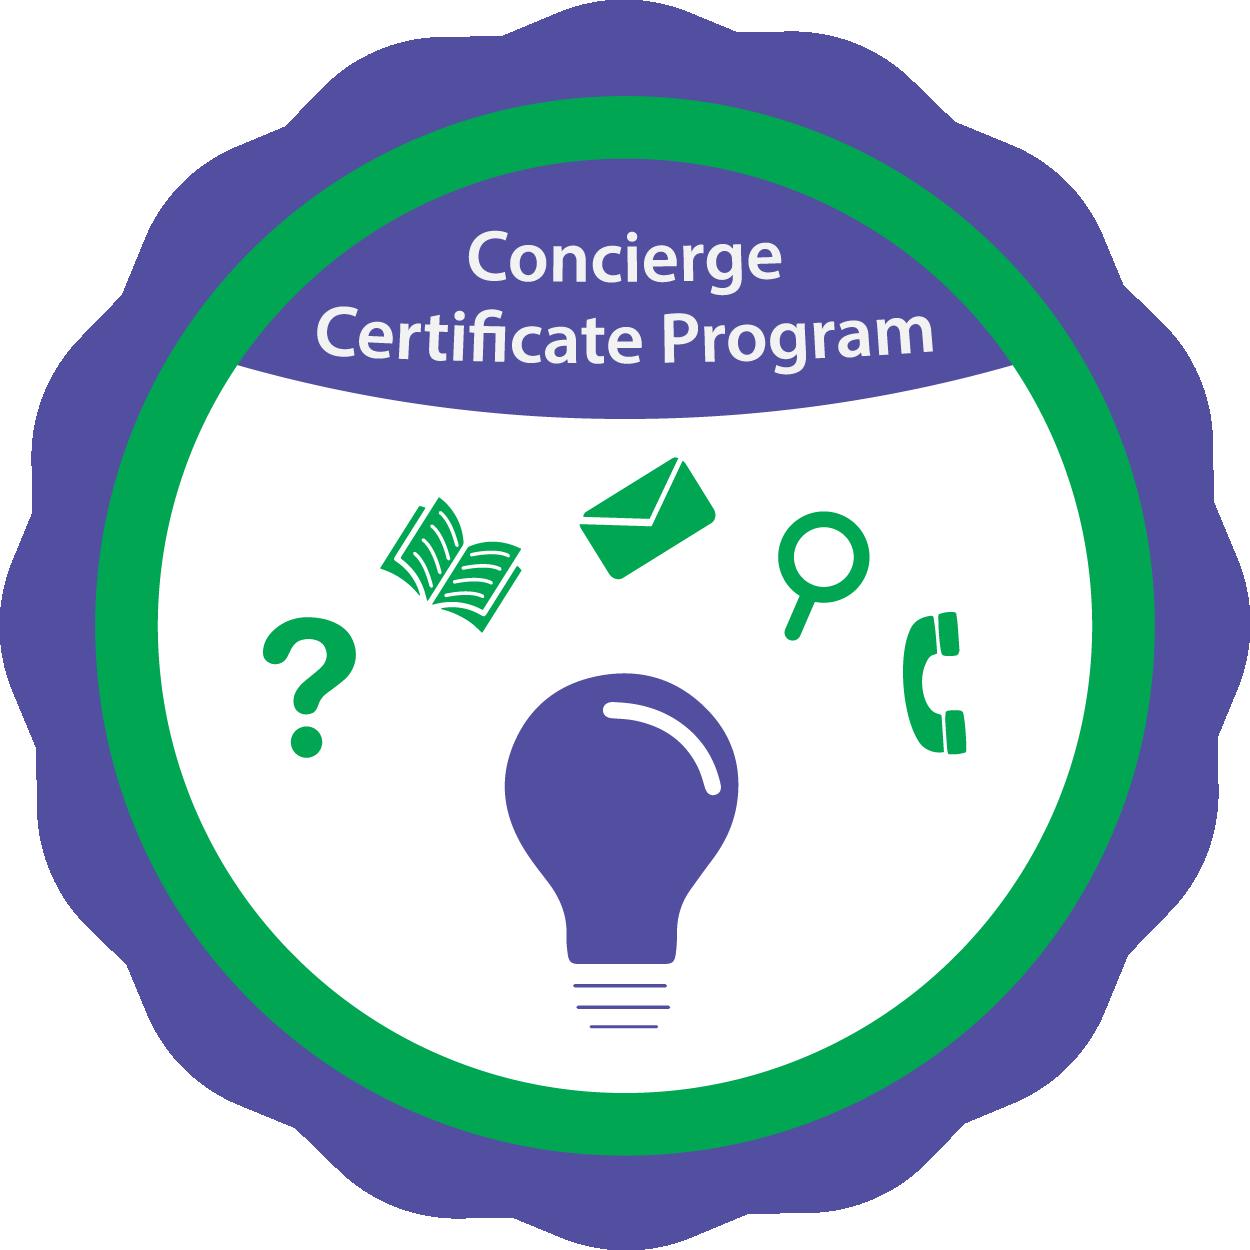 Online Student Concierge Certificate Program